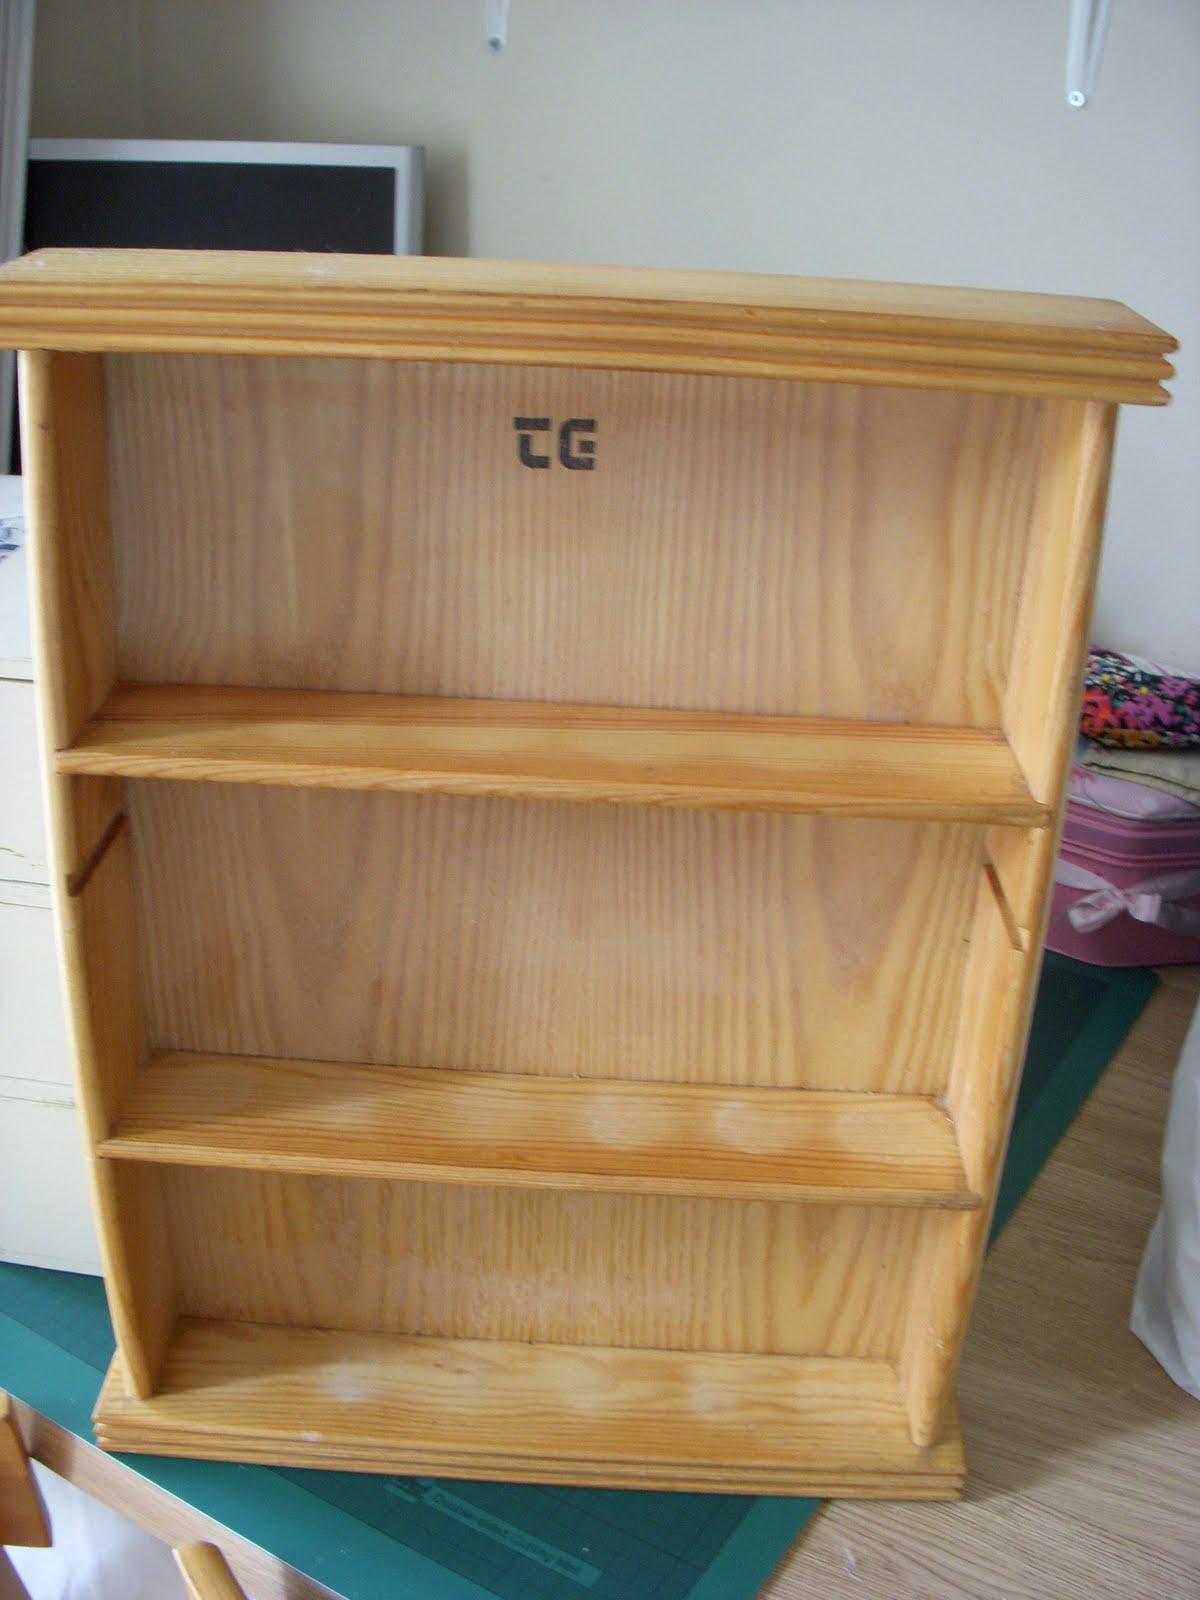 http://4.bp.blogspot.com/_iHhG4m9ecPQ/TE8LlV9REUI/AAAAAAAAARc/tIFOK_J3vj0/s1600/little+shelf+unit+1.JPG